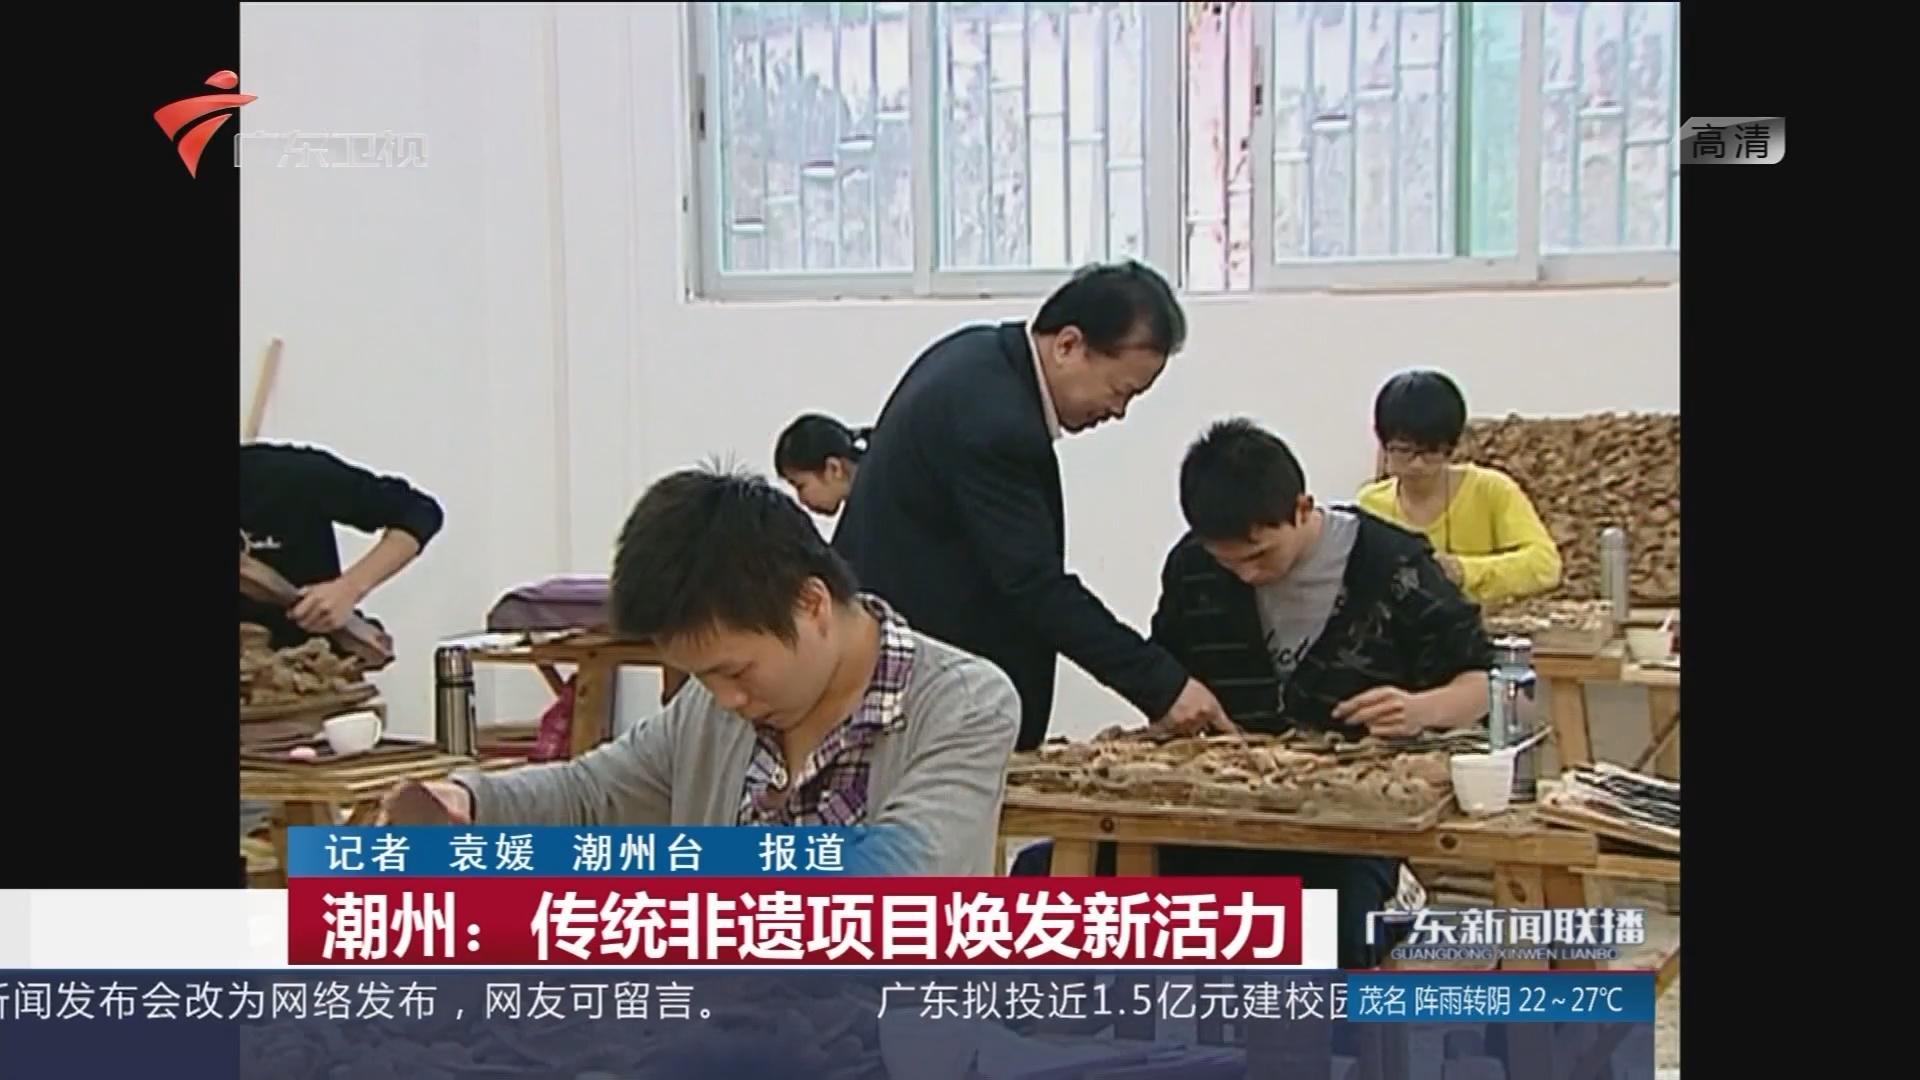 潮州:传统非遗项目焕发新活力